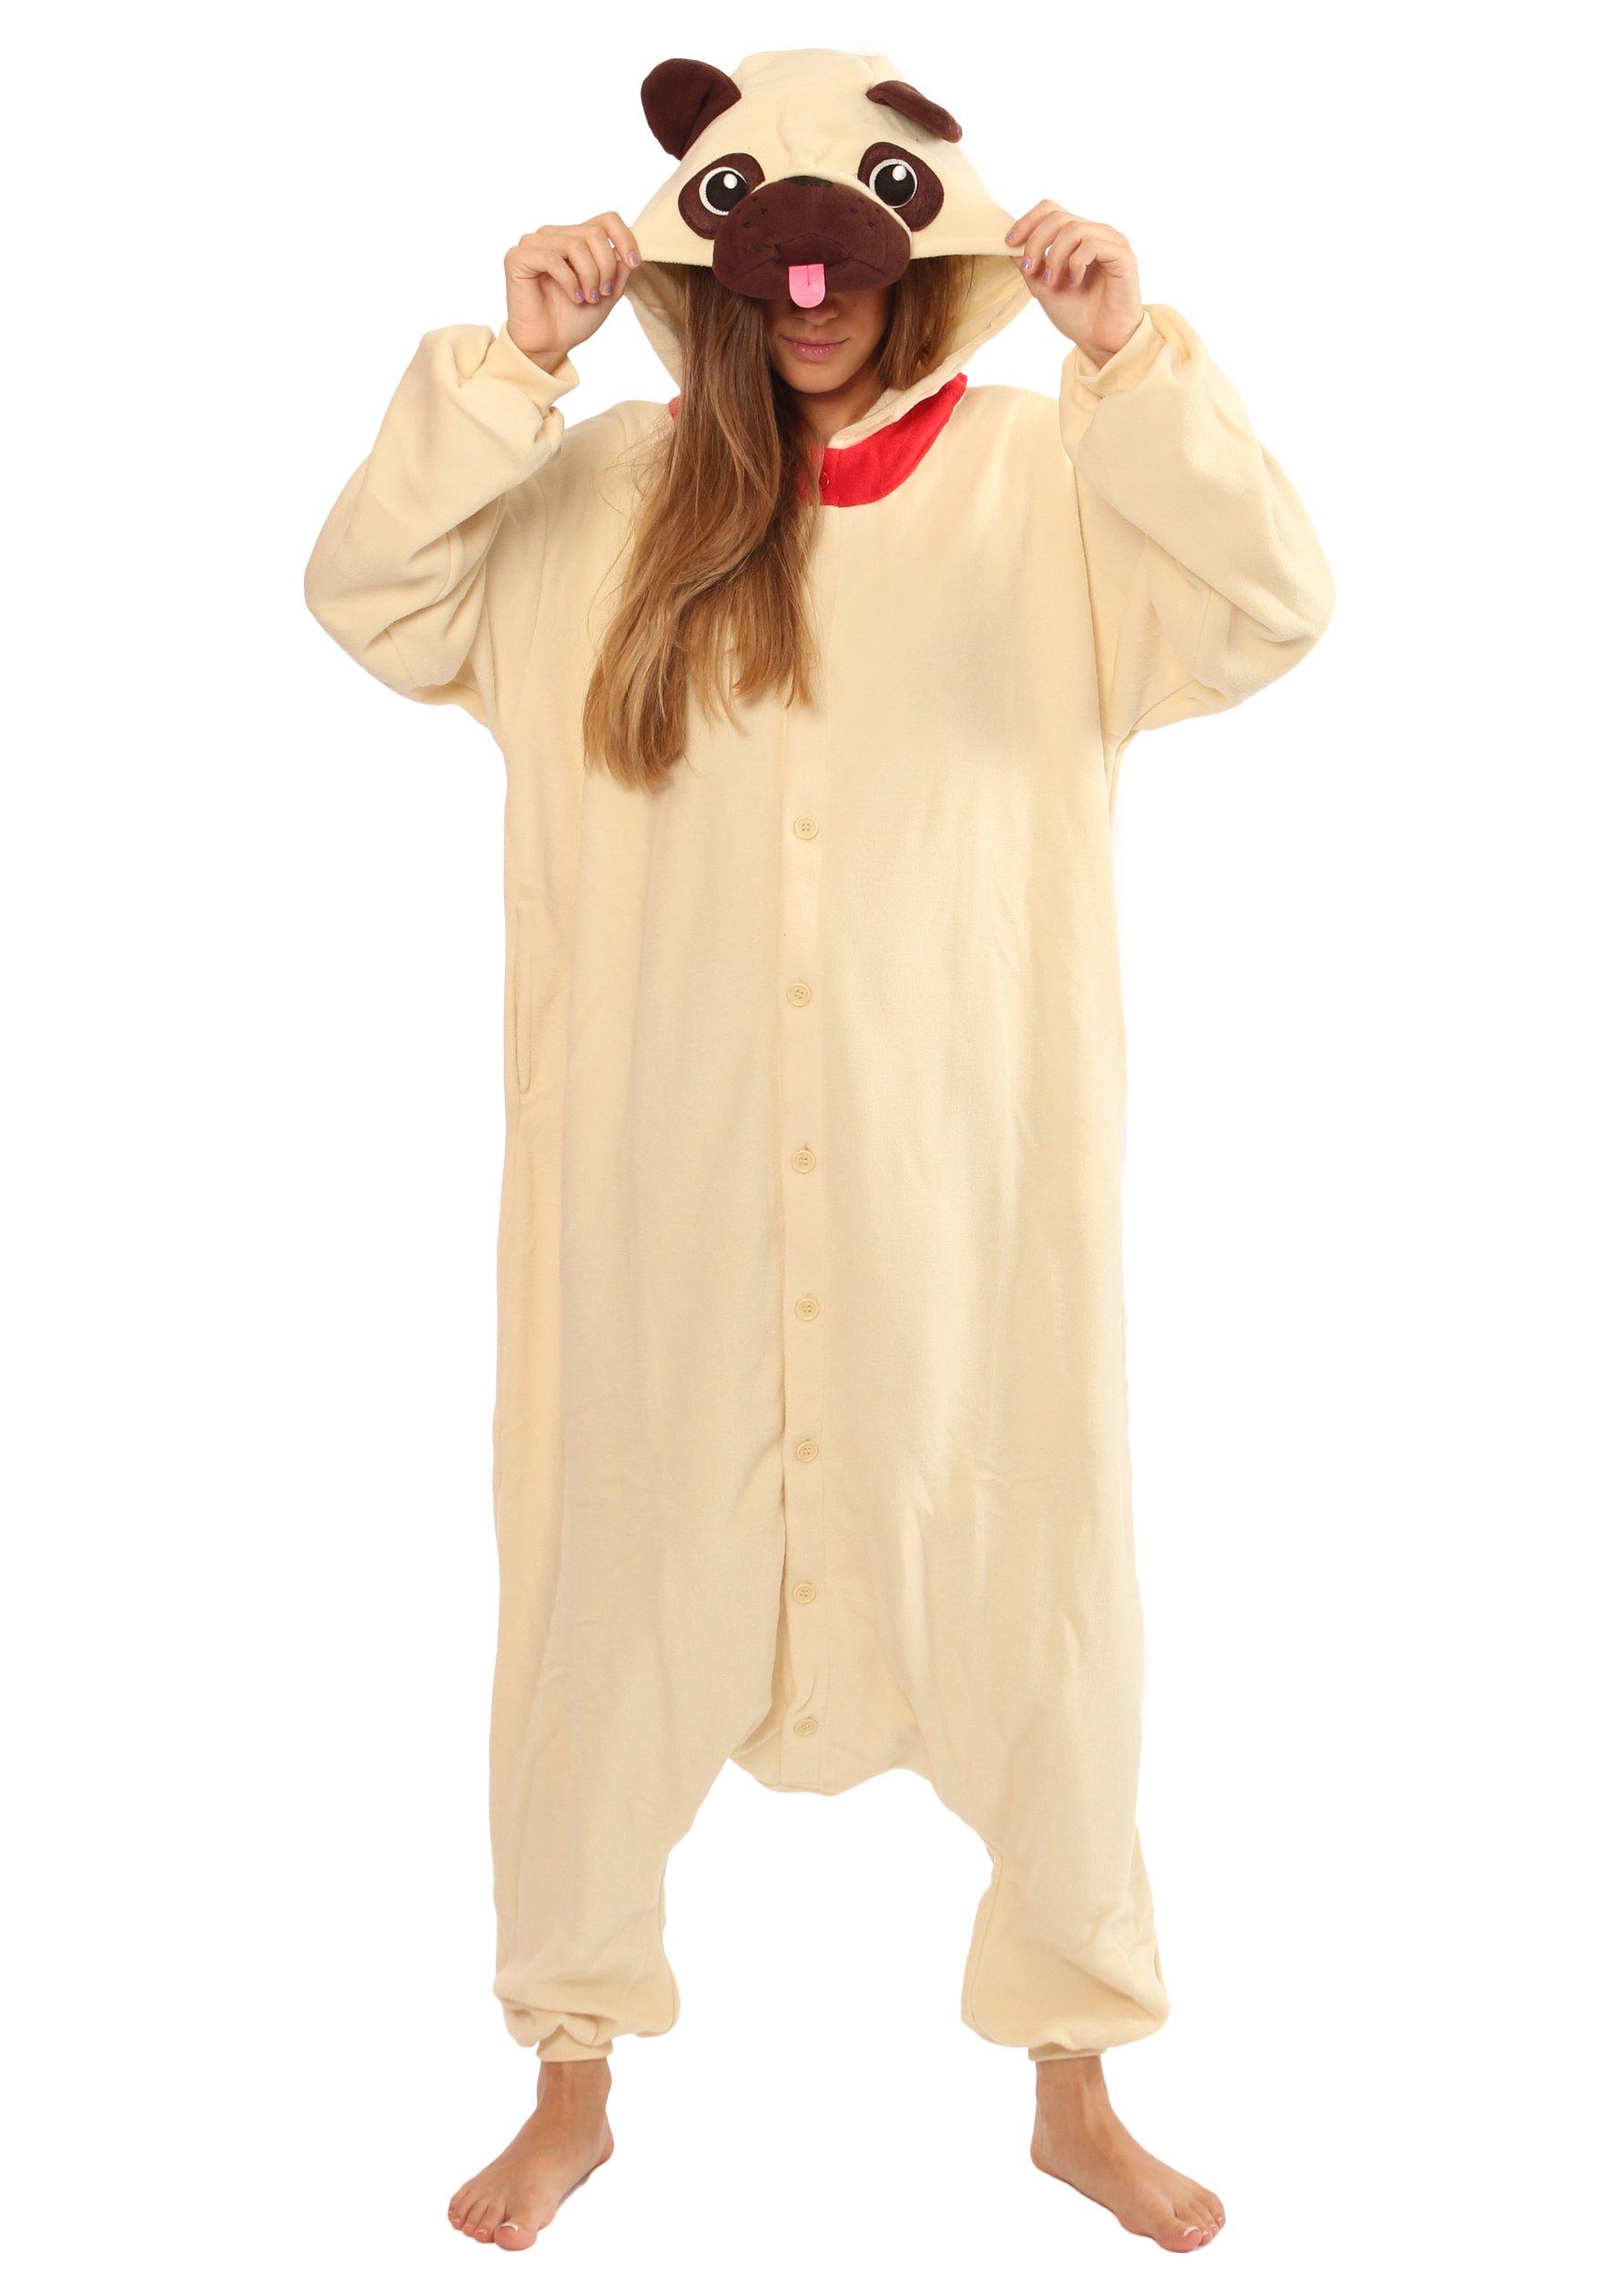 Pug Dog Kigurumi - Adult Costume